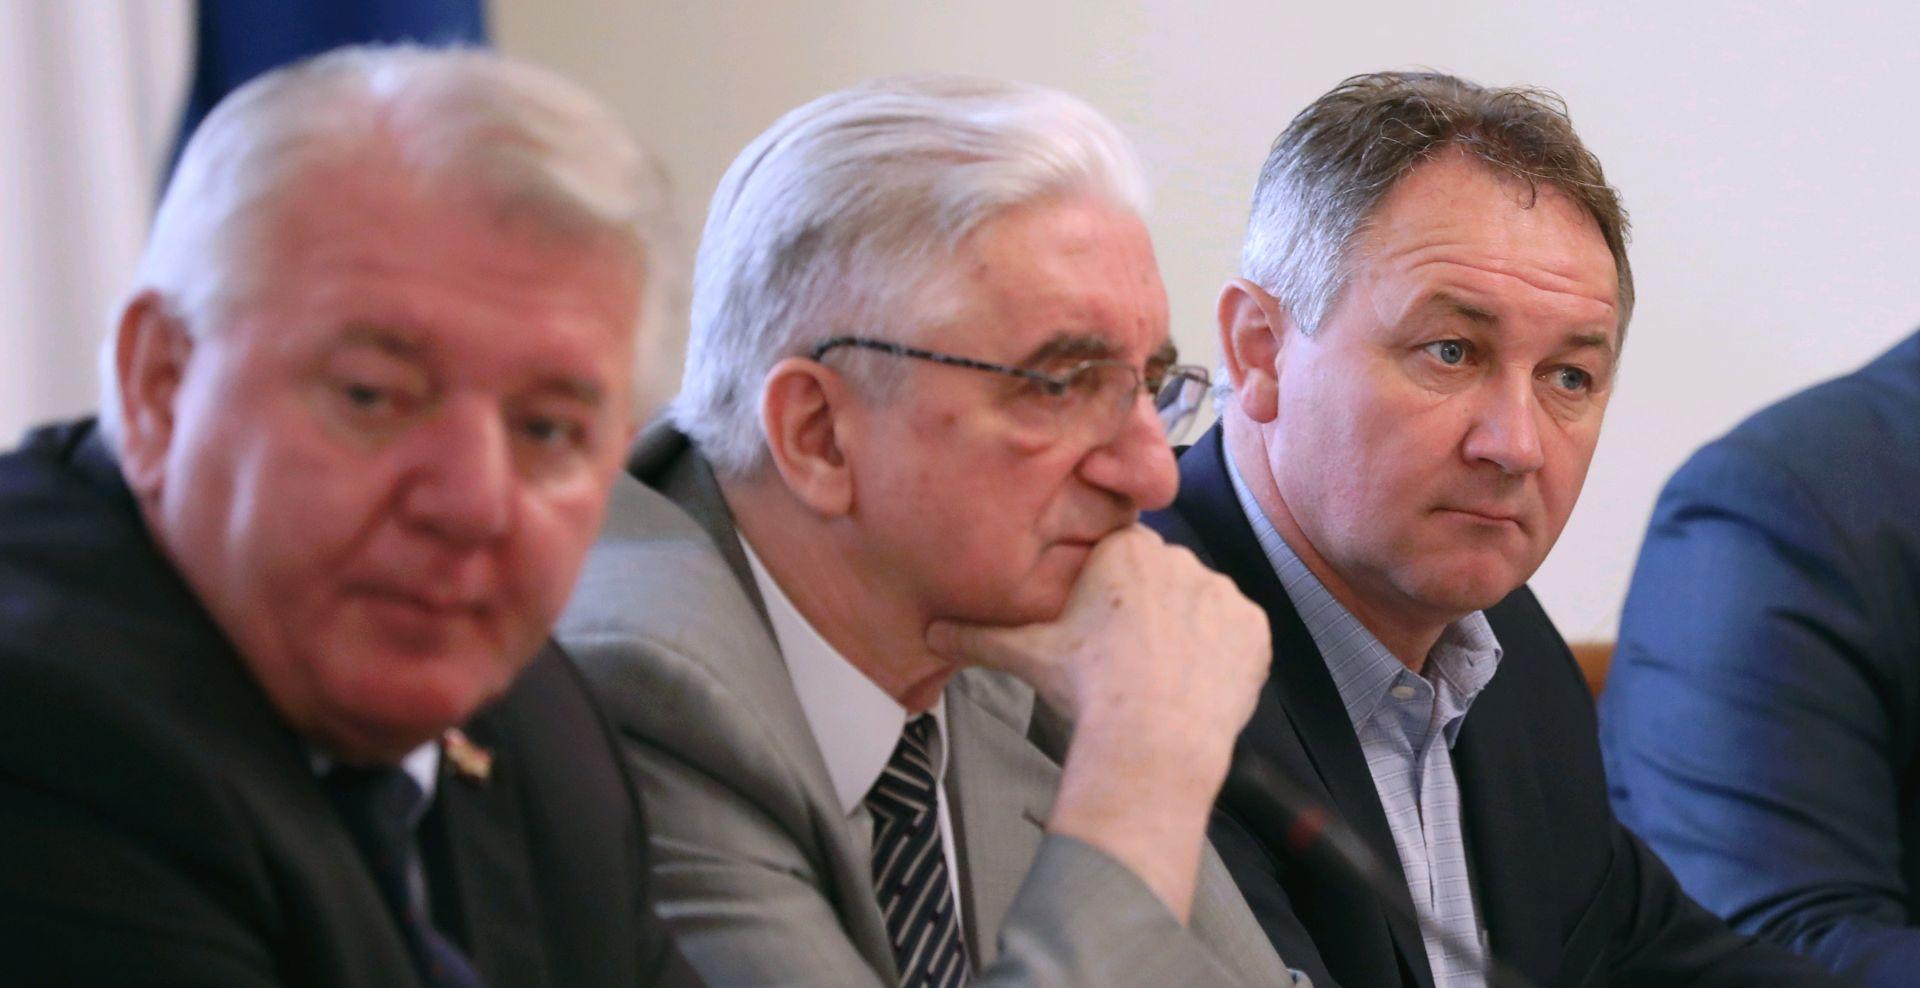 SABOR Odbor za obranu podržao prijedlog Strategije nacionalne sigurnosti, ali ne i Zakona o sustavu domovinske sigurnost